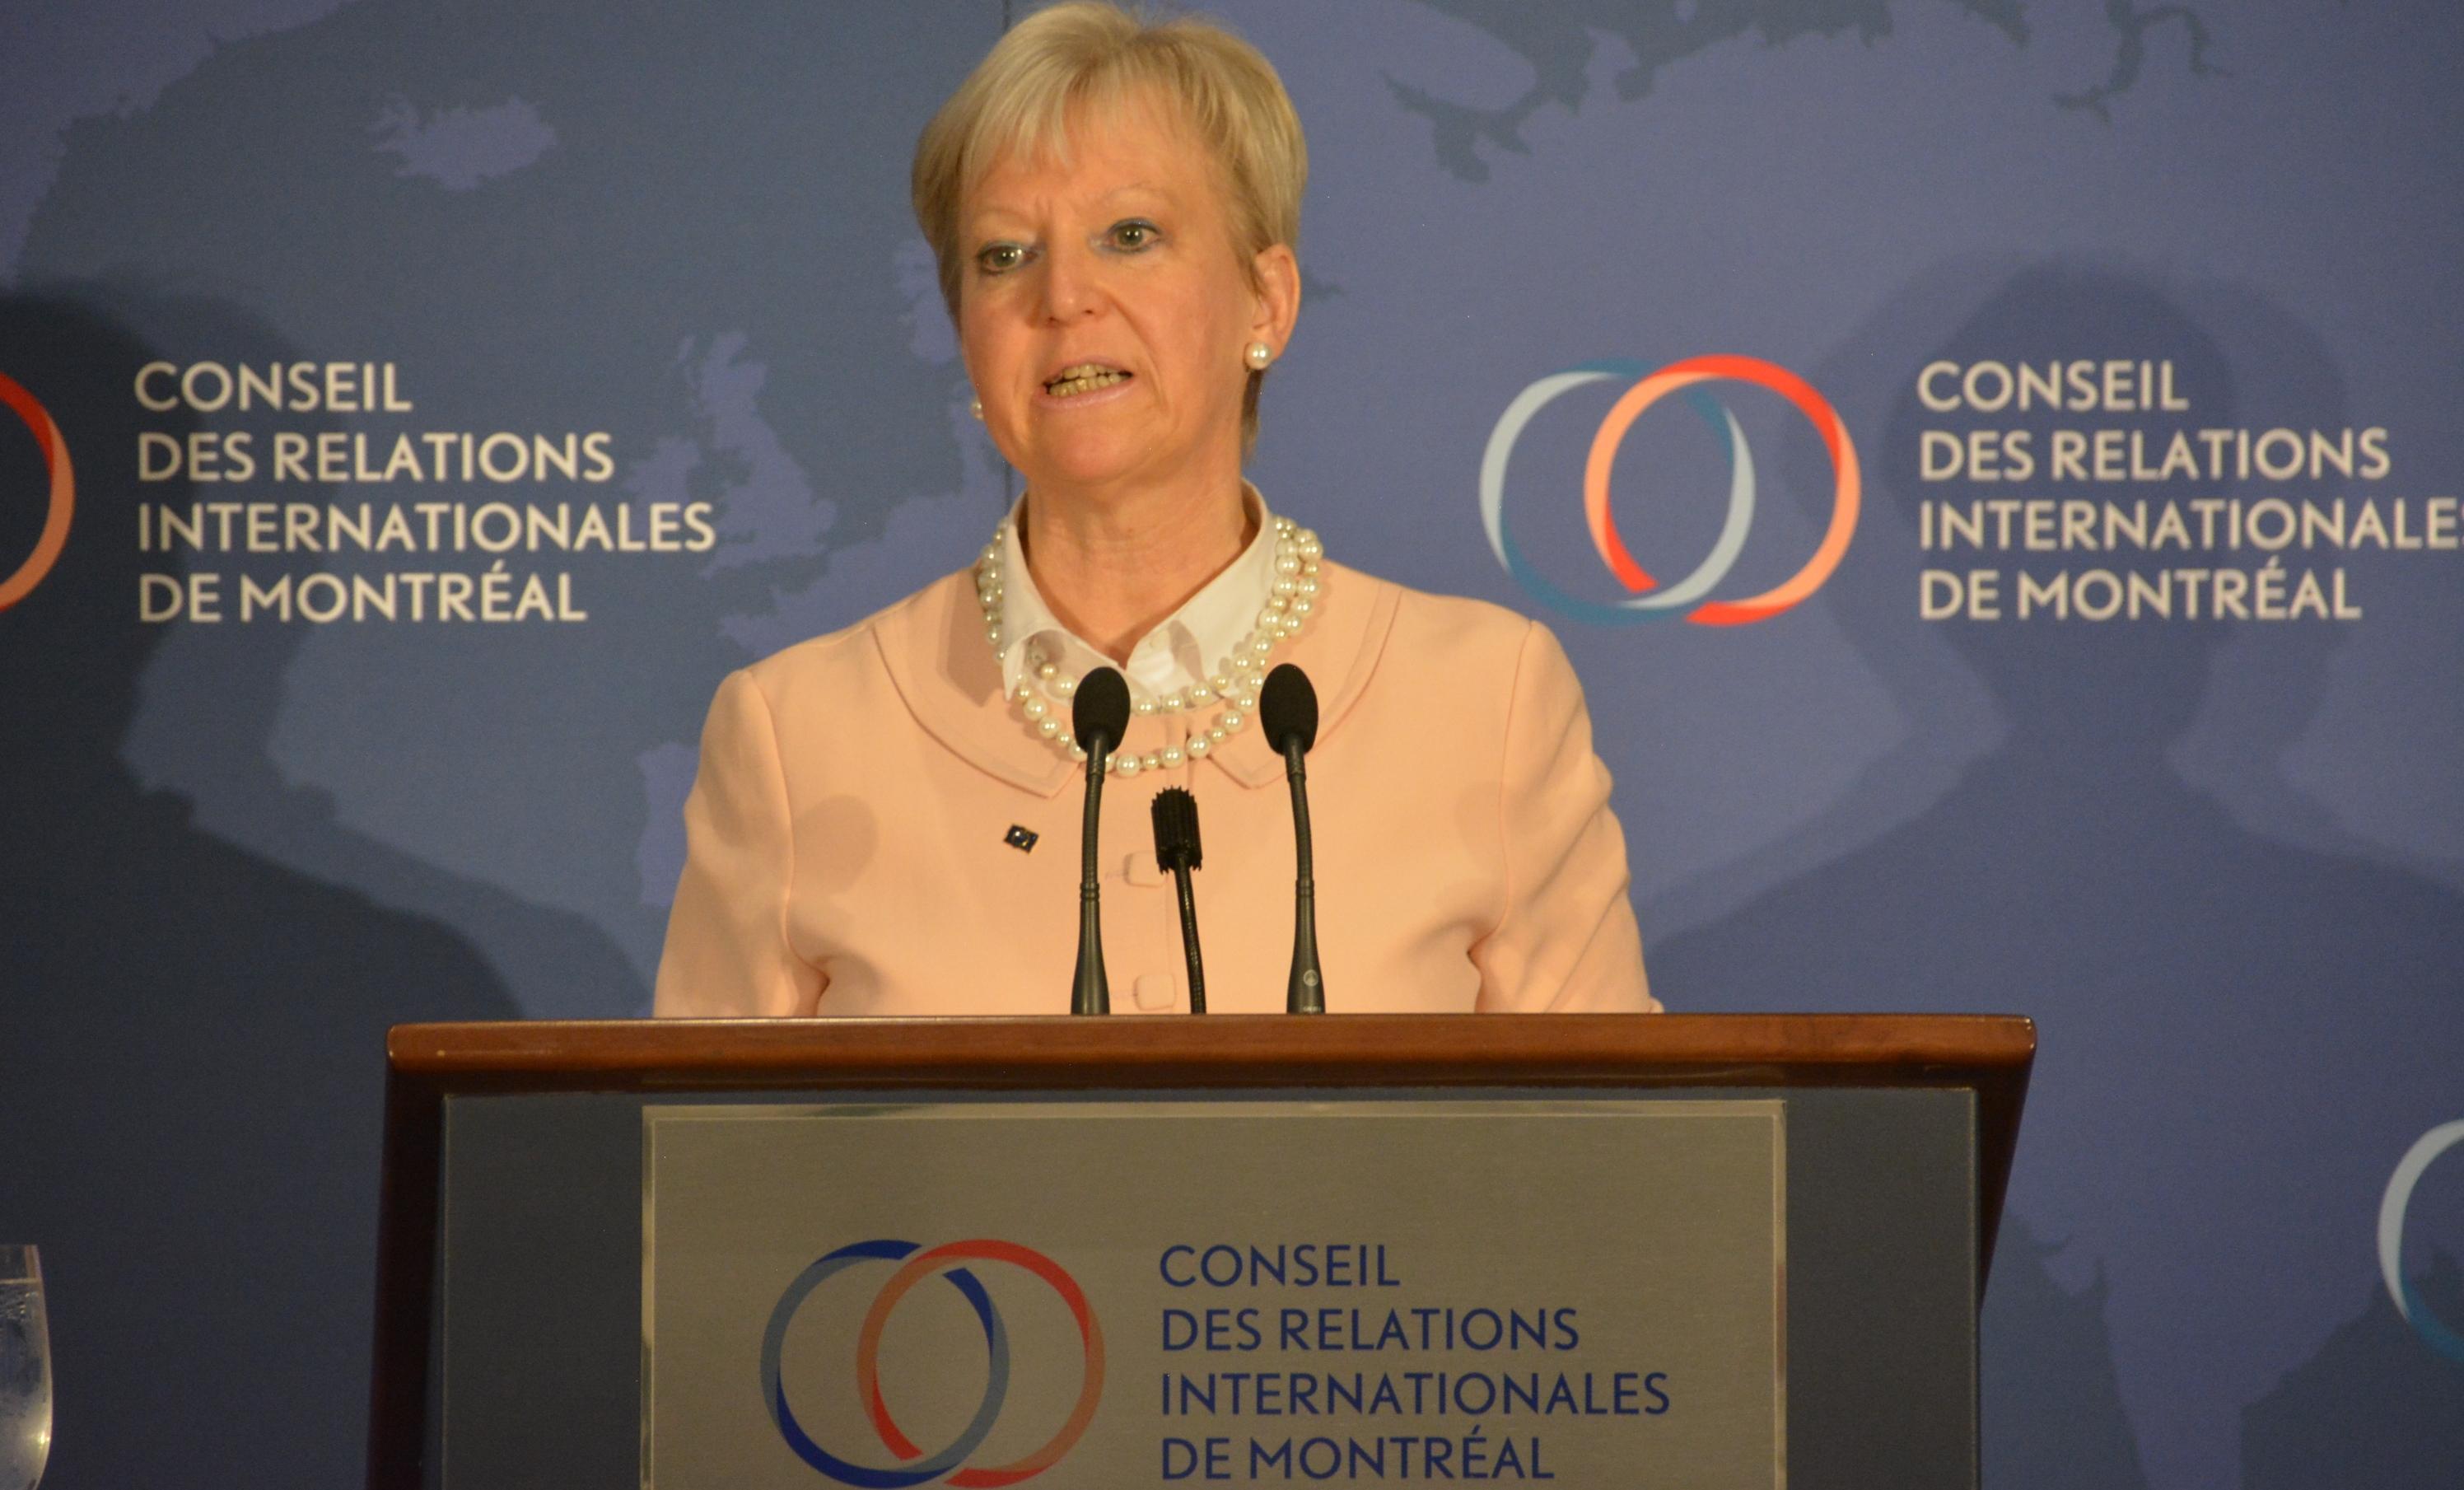 Marie-Anne Coninsx : L'AECG est un modèle pour les échanges commerciaux